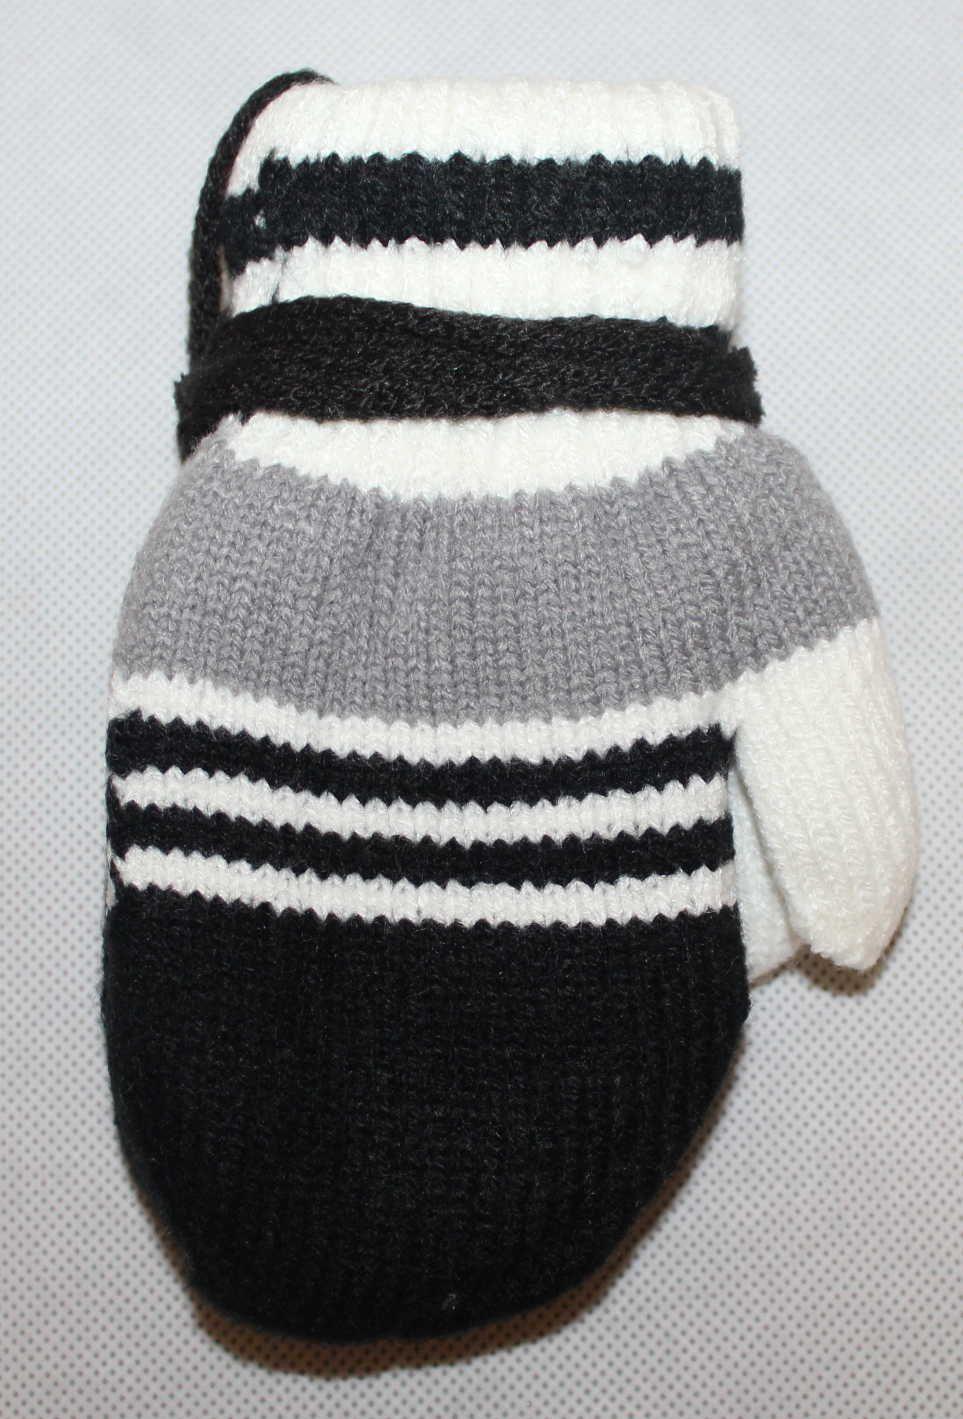 Dětské rukavice, dětské palčáky se šňůrkou, slabé rukavice, pletené rukavice palčáky, dětské rukavice na šňůrku